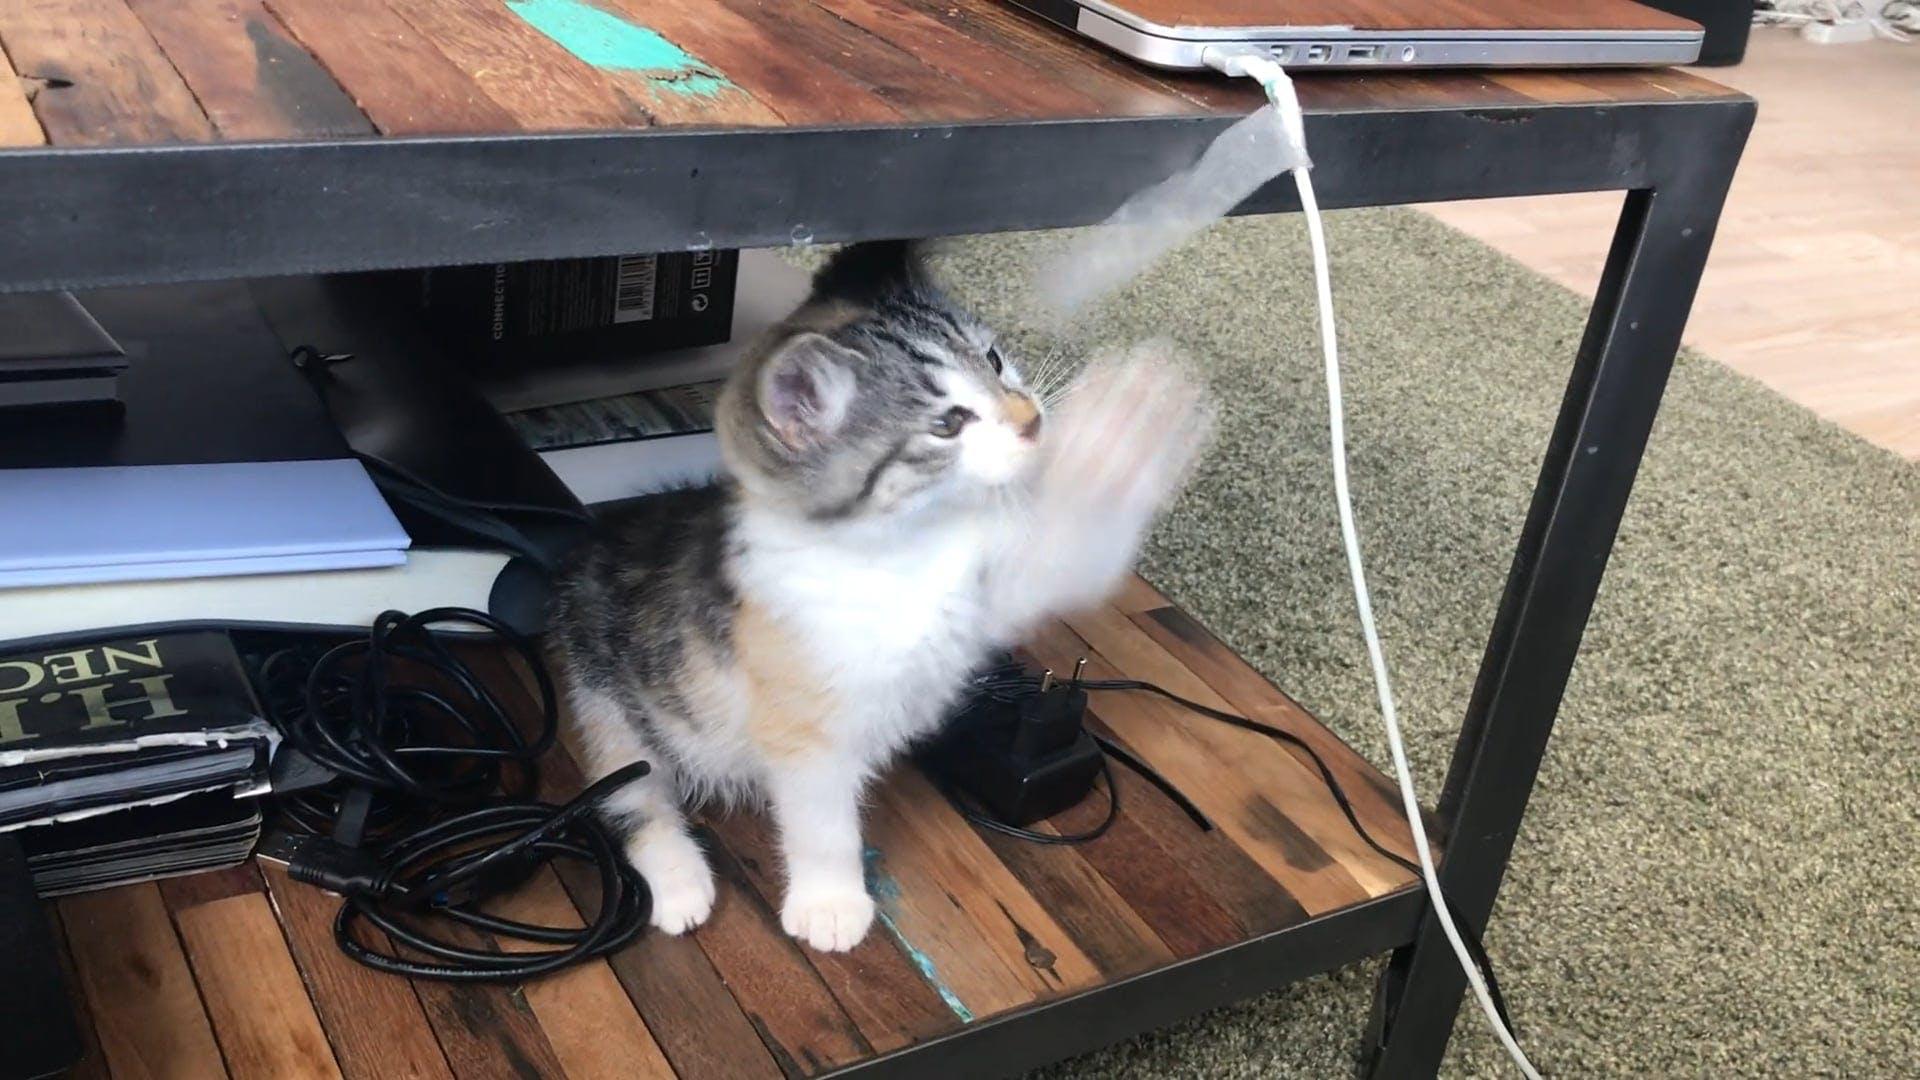 A Playful Cute Kitten